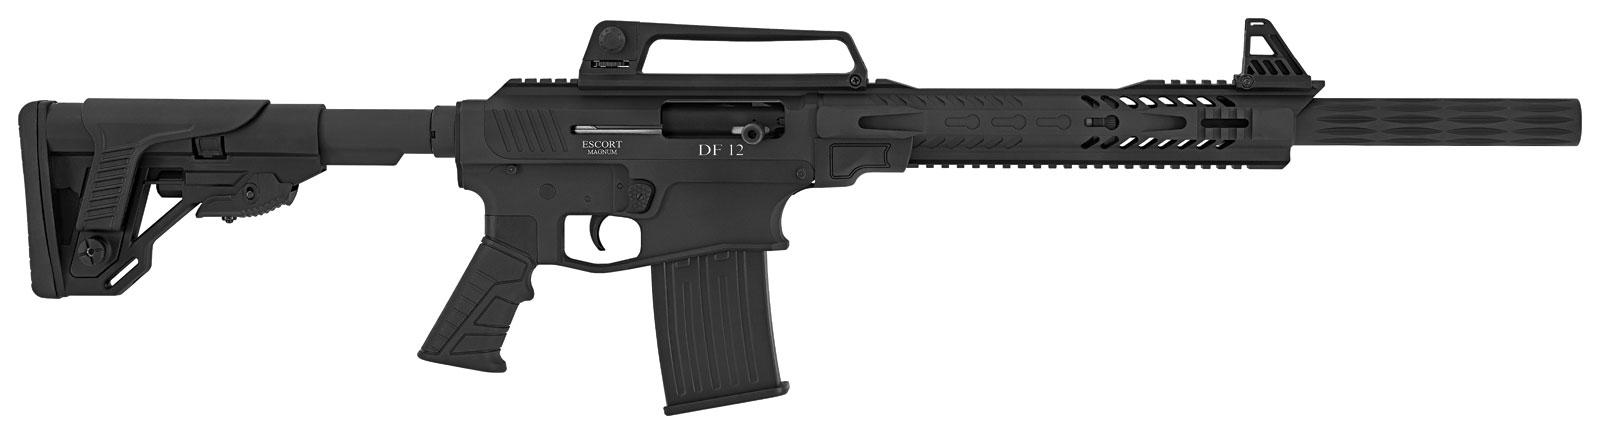 ESCORT DF12-TS